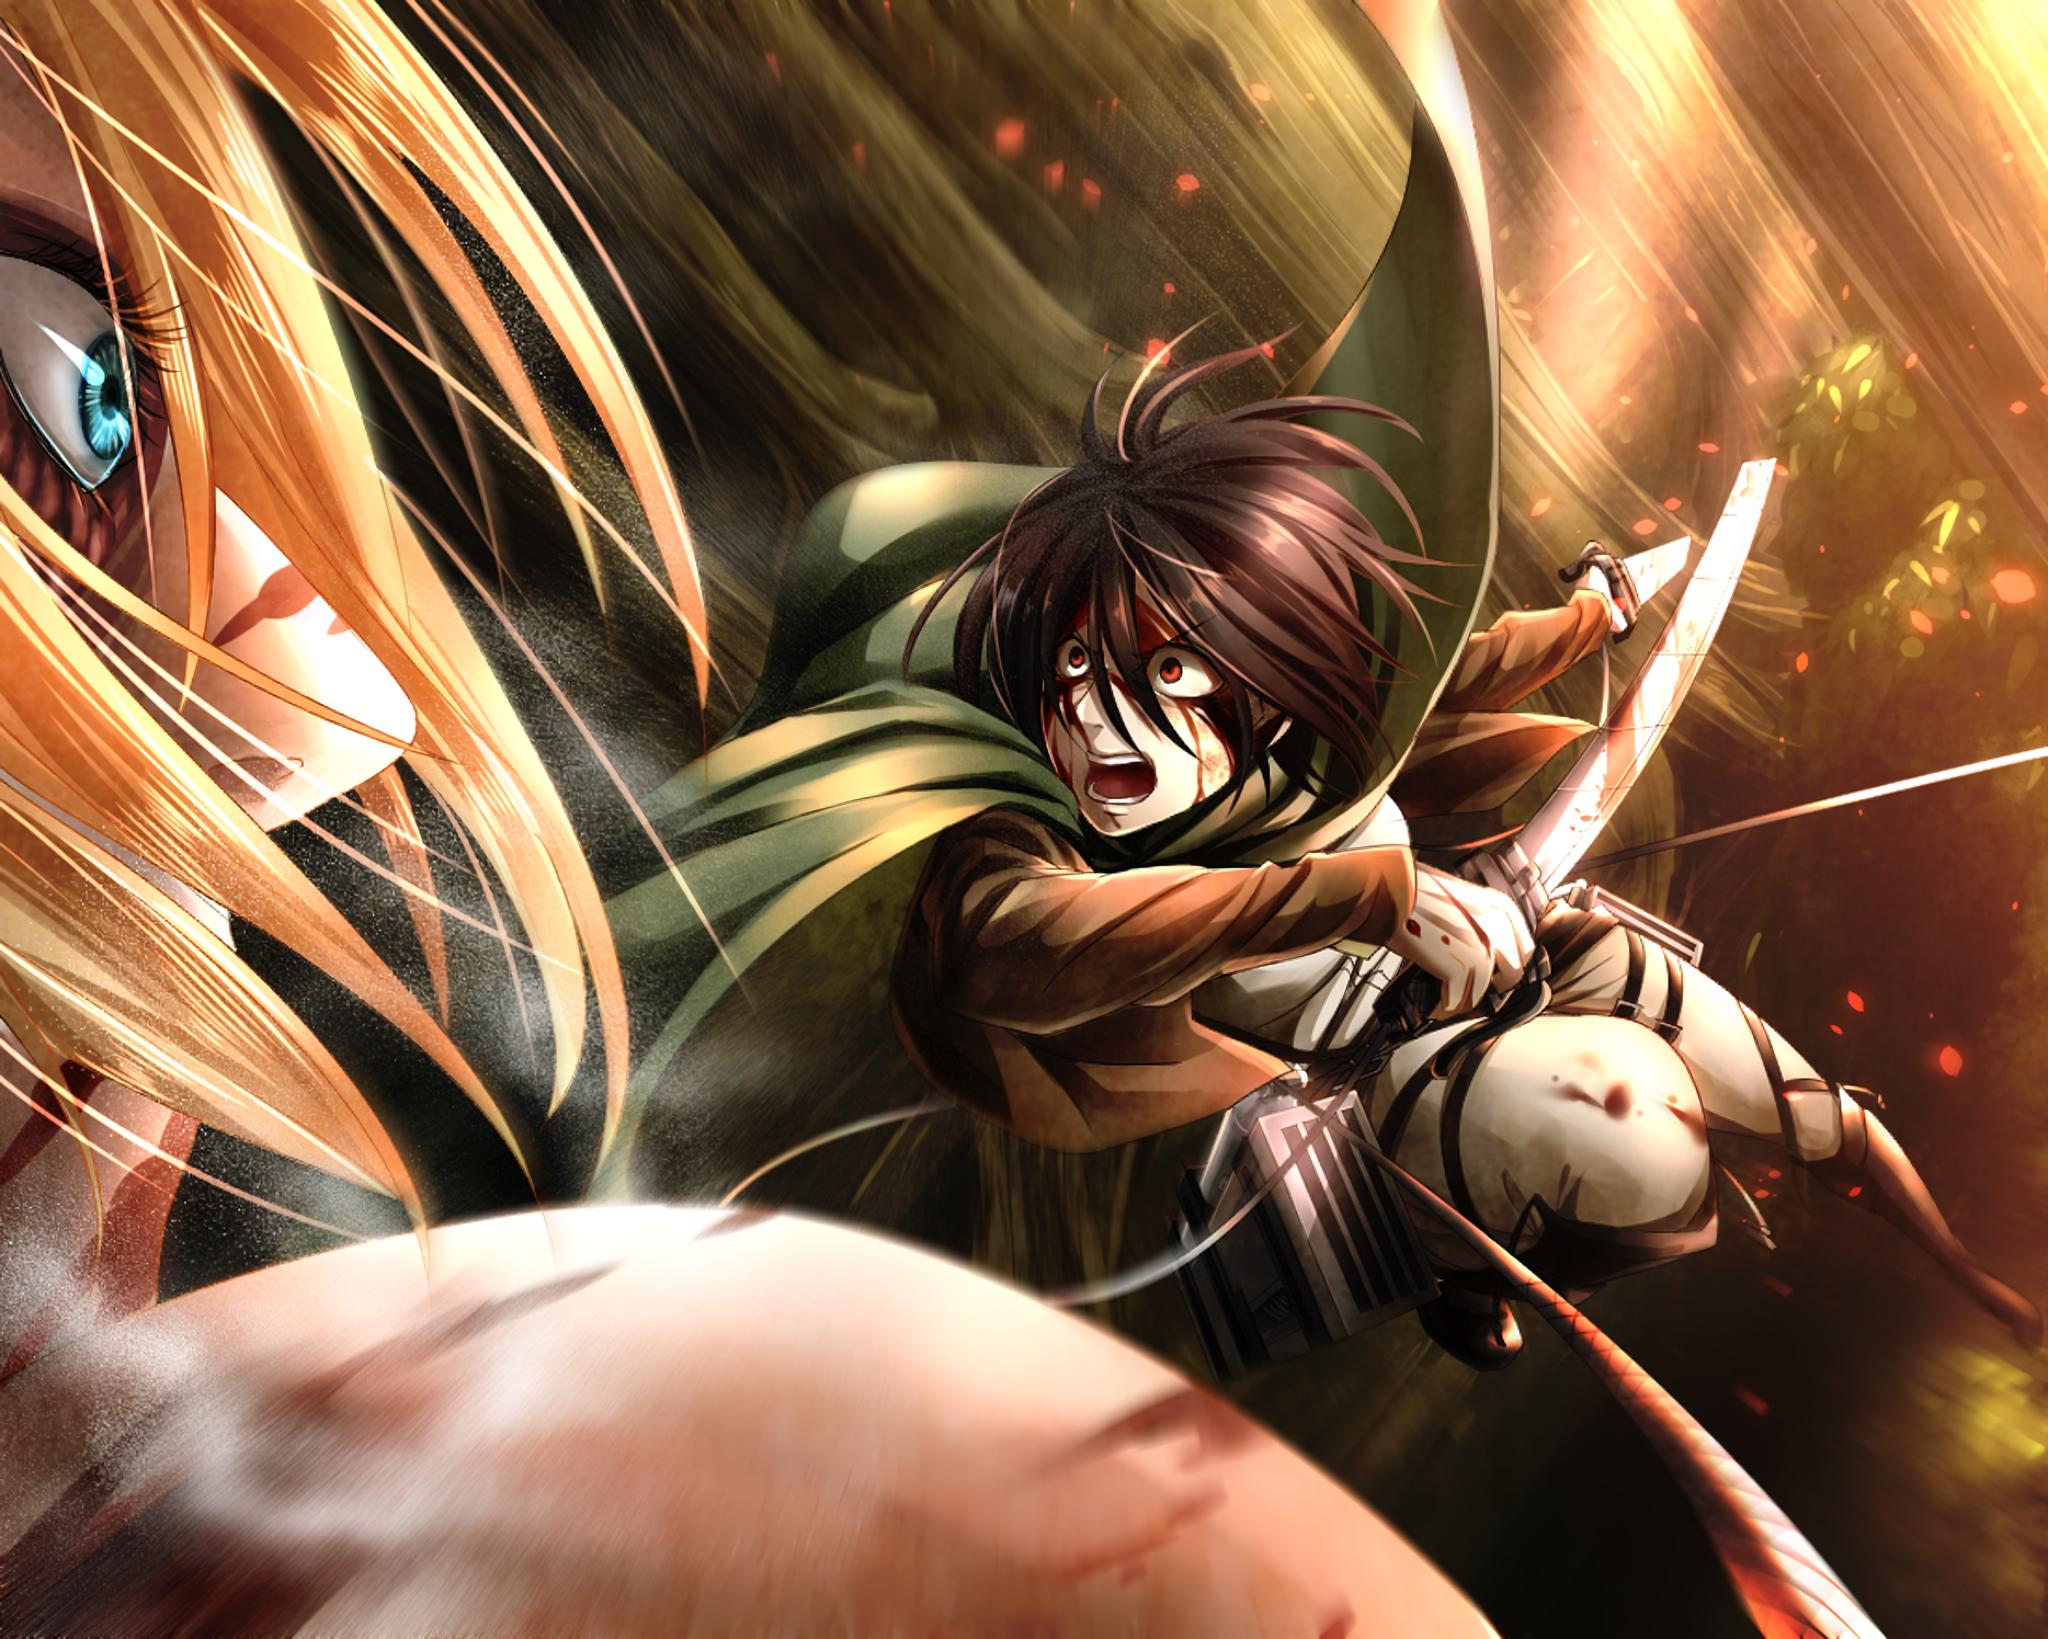 Annie Leonhart Attack On Titan Mikasa Ackerman Wallpaper Resolution 2048x1639 Id 1023457 Wallha Com